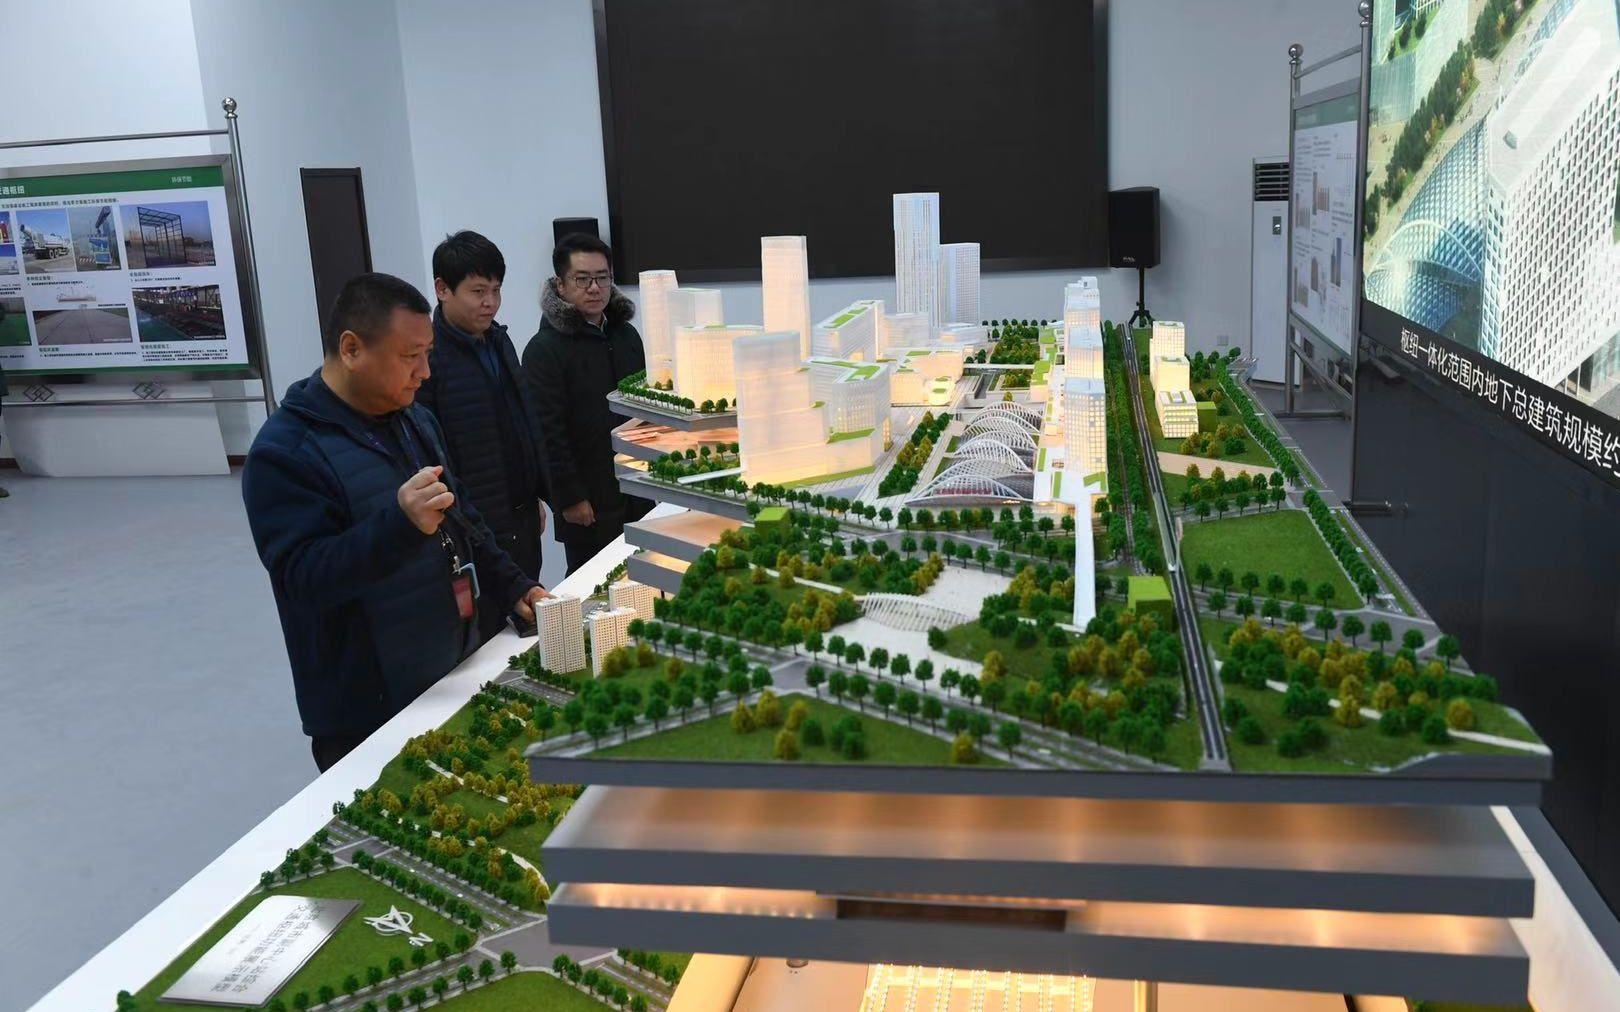 副中心樞紐站開工 將建成北京東部最大商業中心圖片